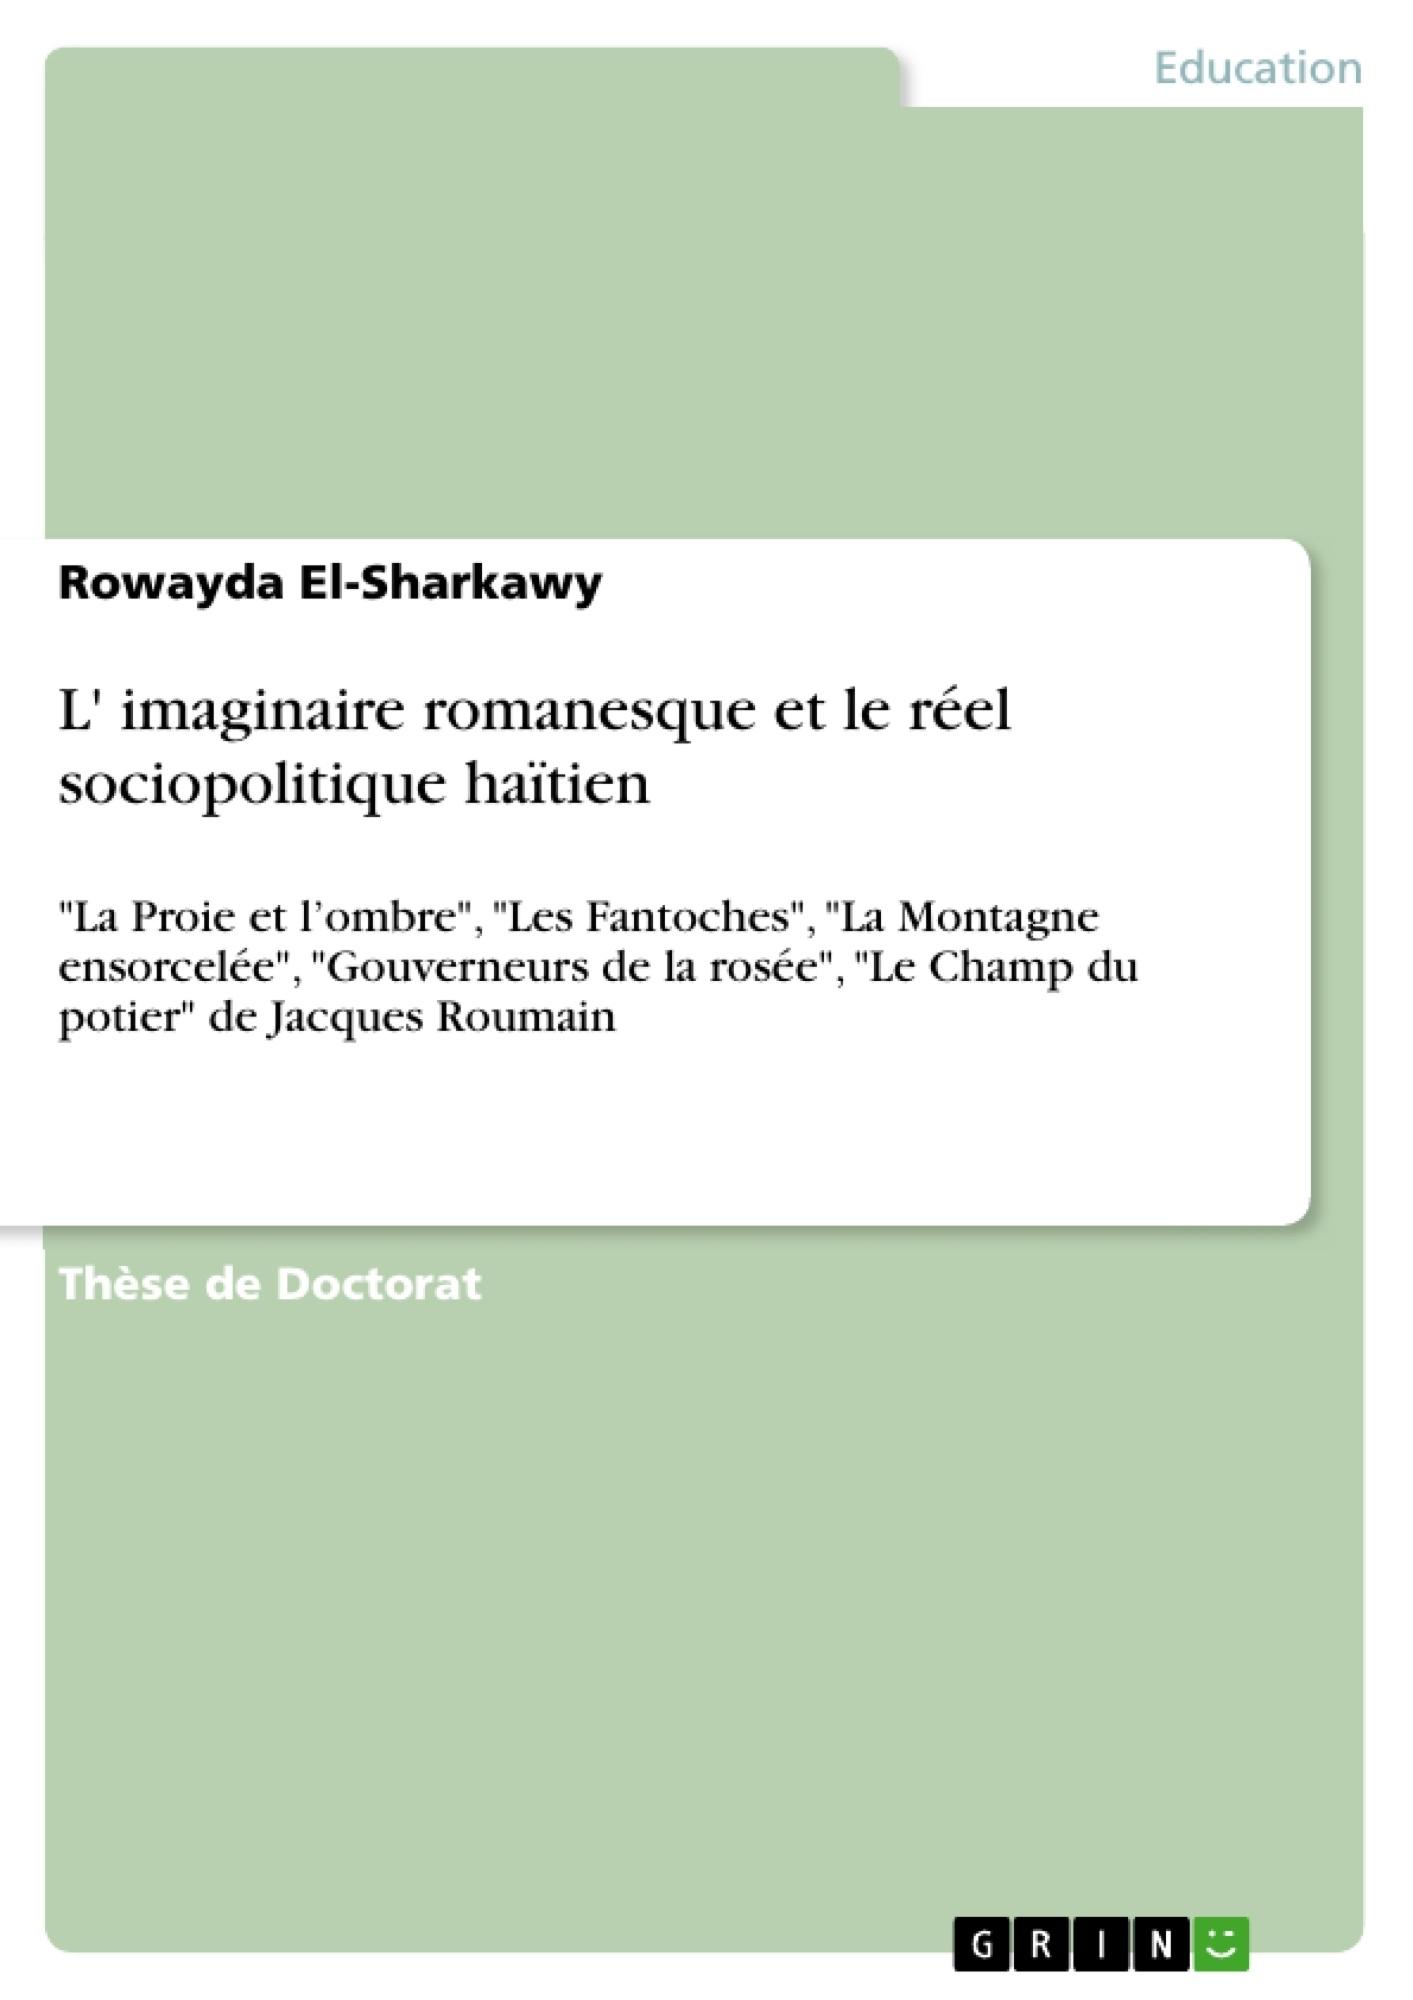 Titre: L' imaginaire romanesque et le réel sociopolitique haïtien